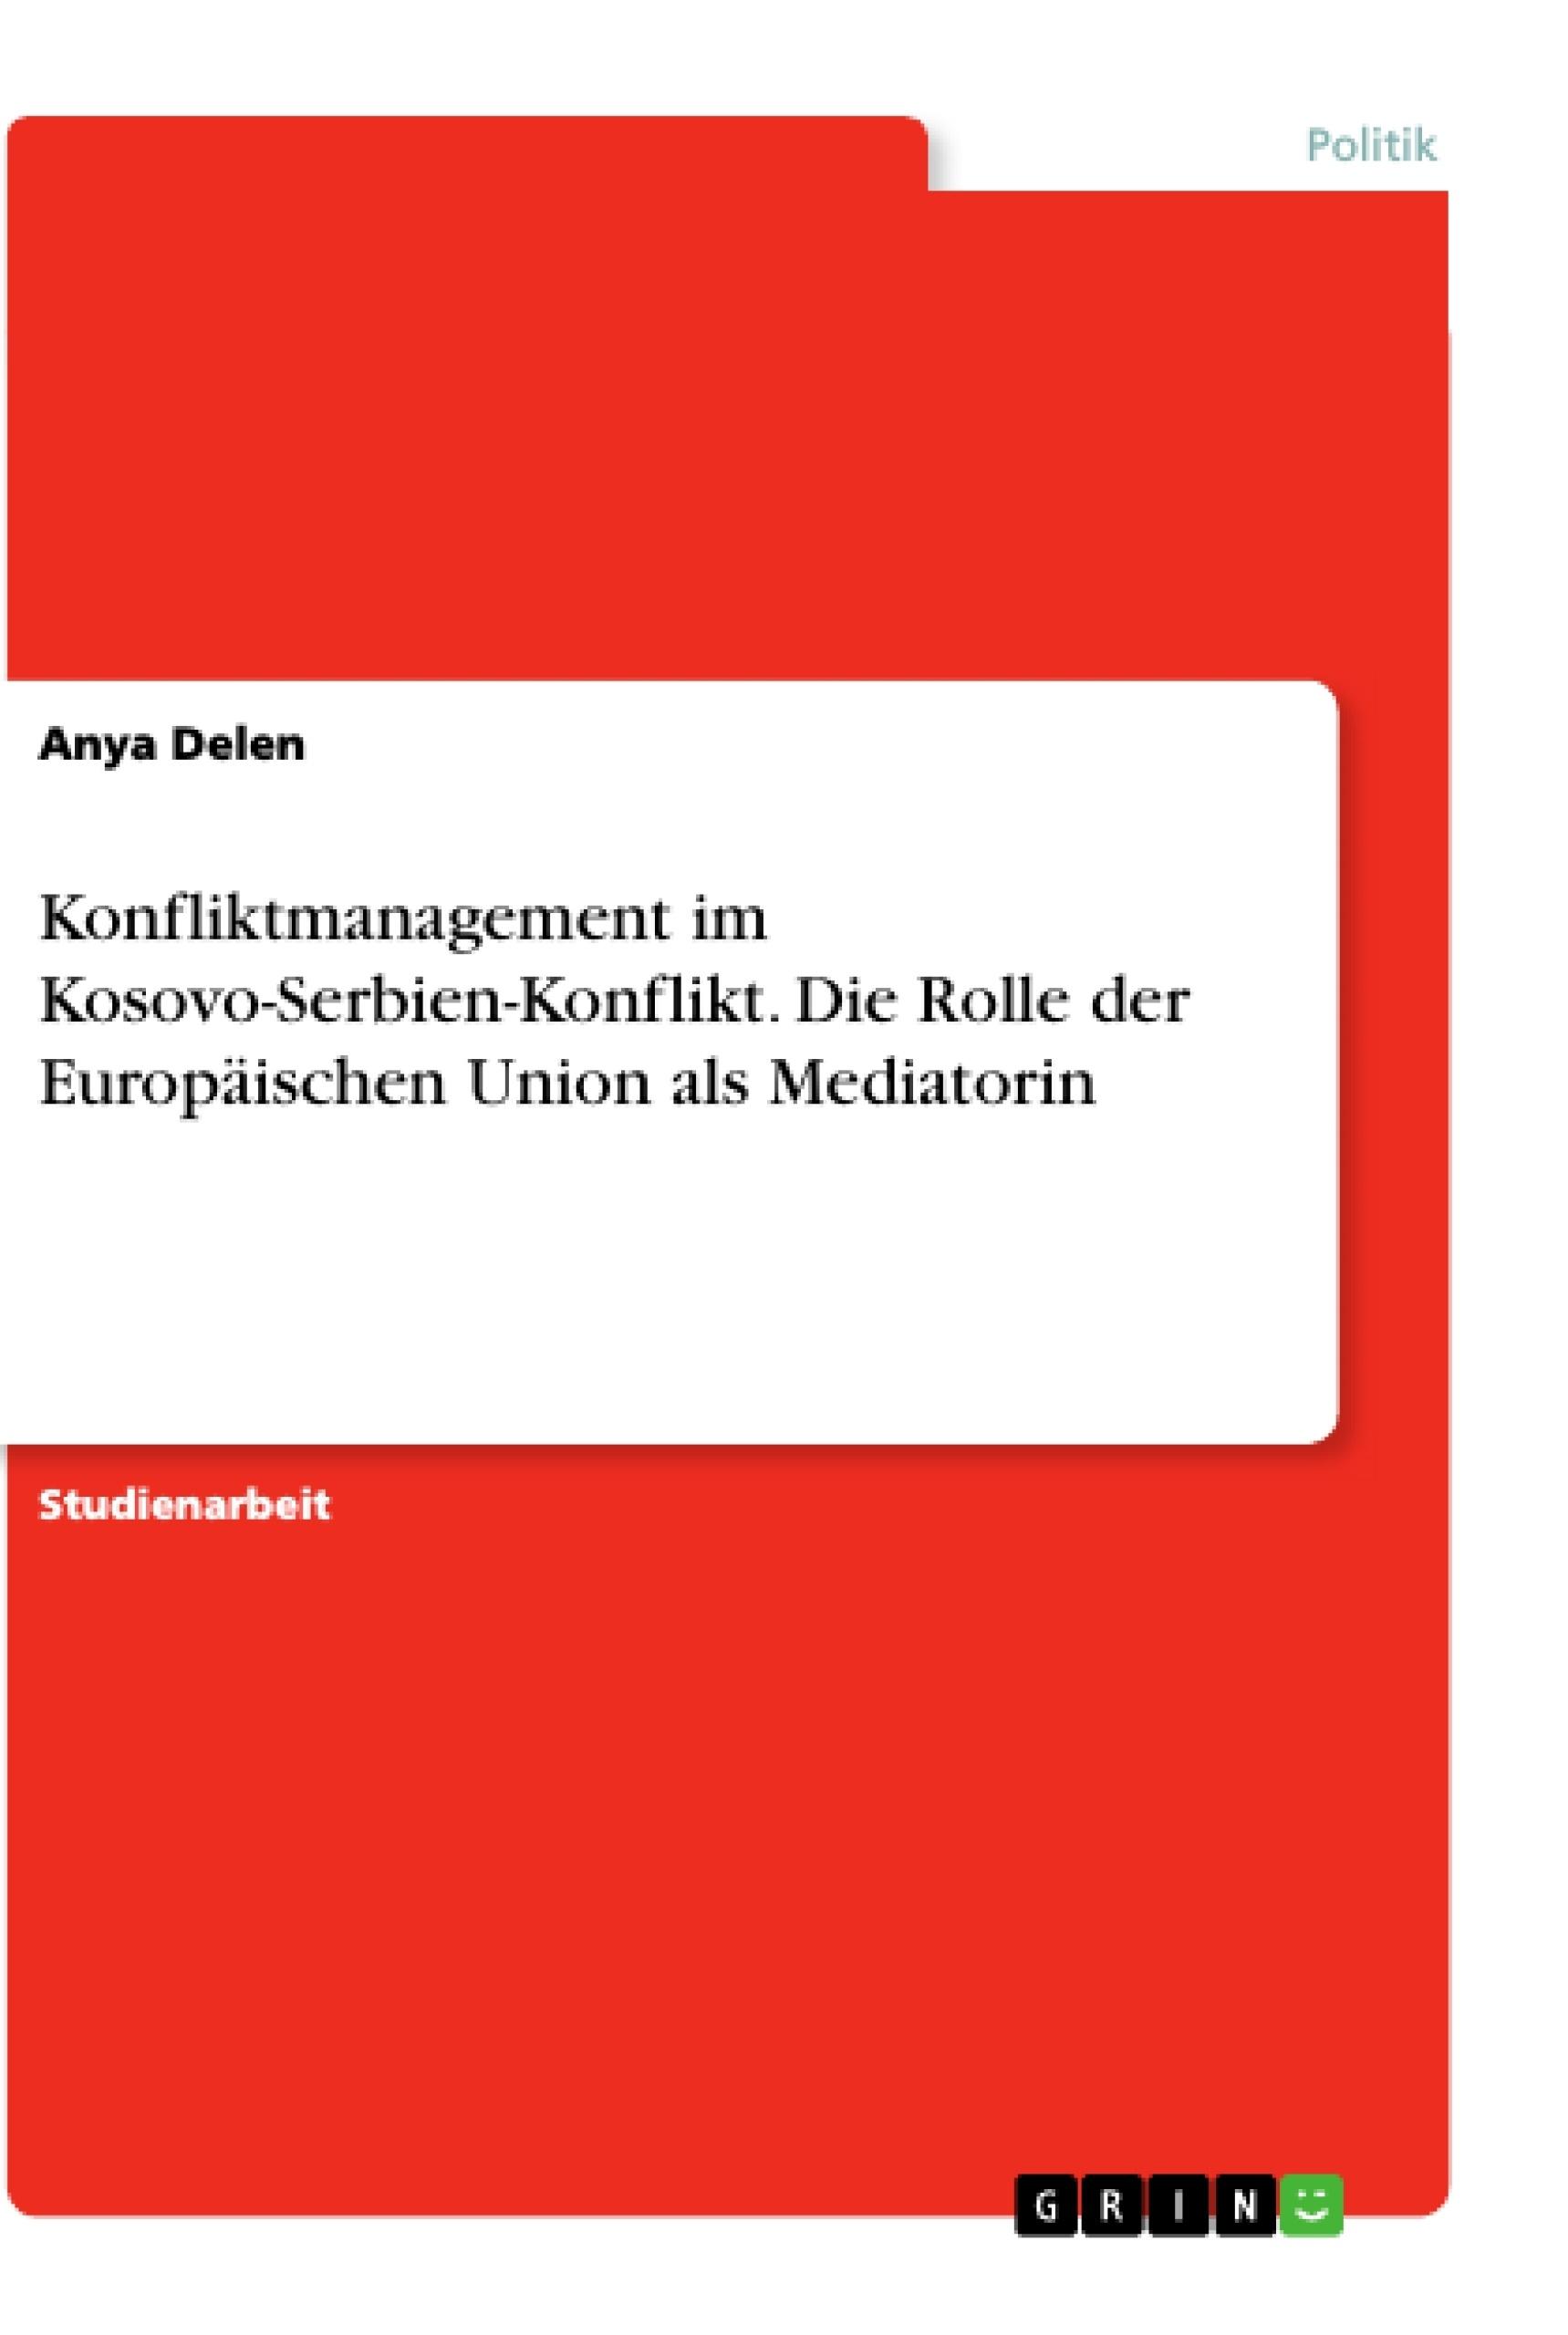 Titel: Konfliktmanagement im Kosovo-Serbien-Konflikt. Die Rolle der Europäischen Union als Mediatorin